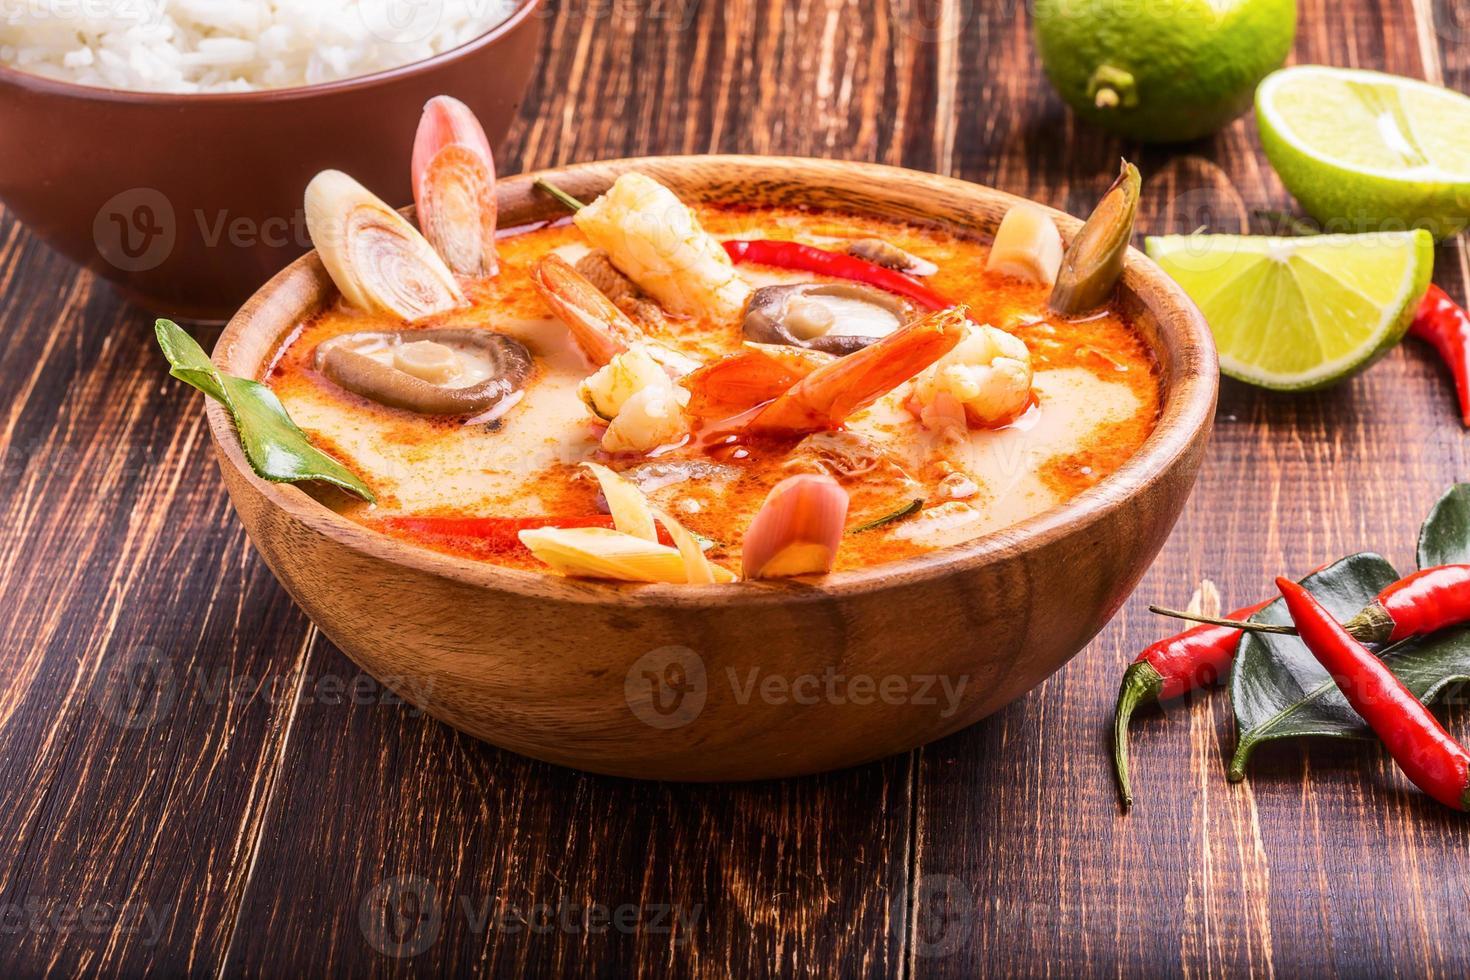 sopa de inhame tom tailandês com cogumelos shiitake e camarão foto